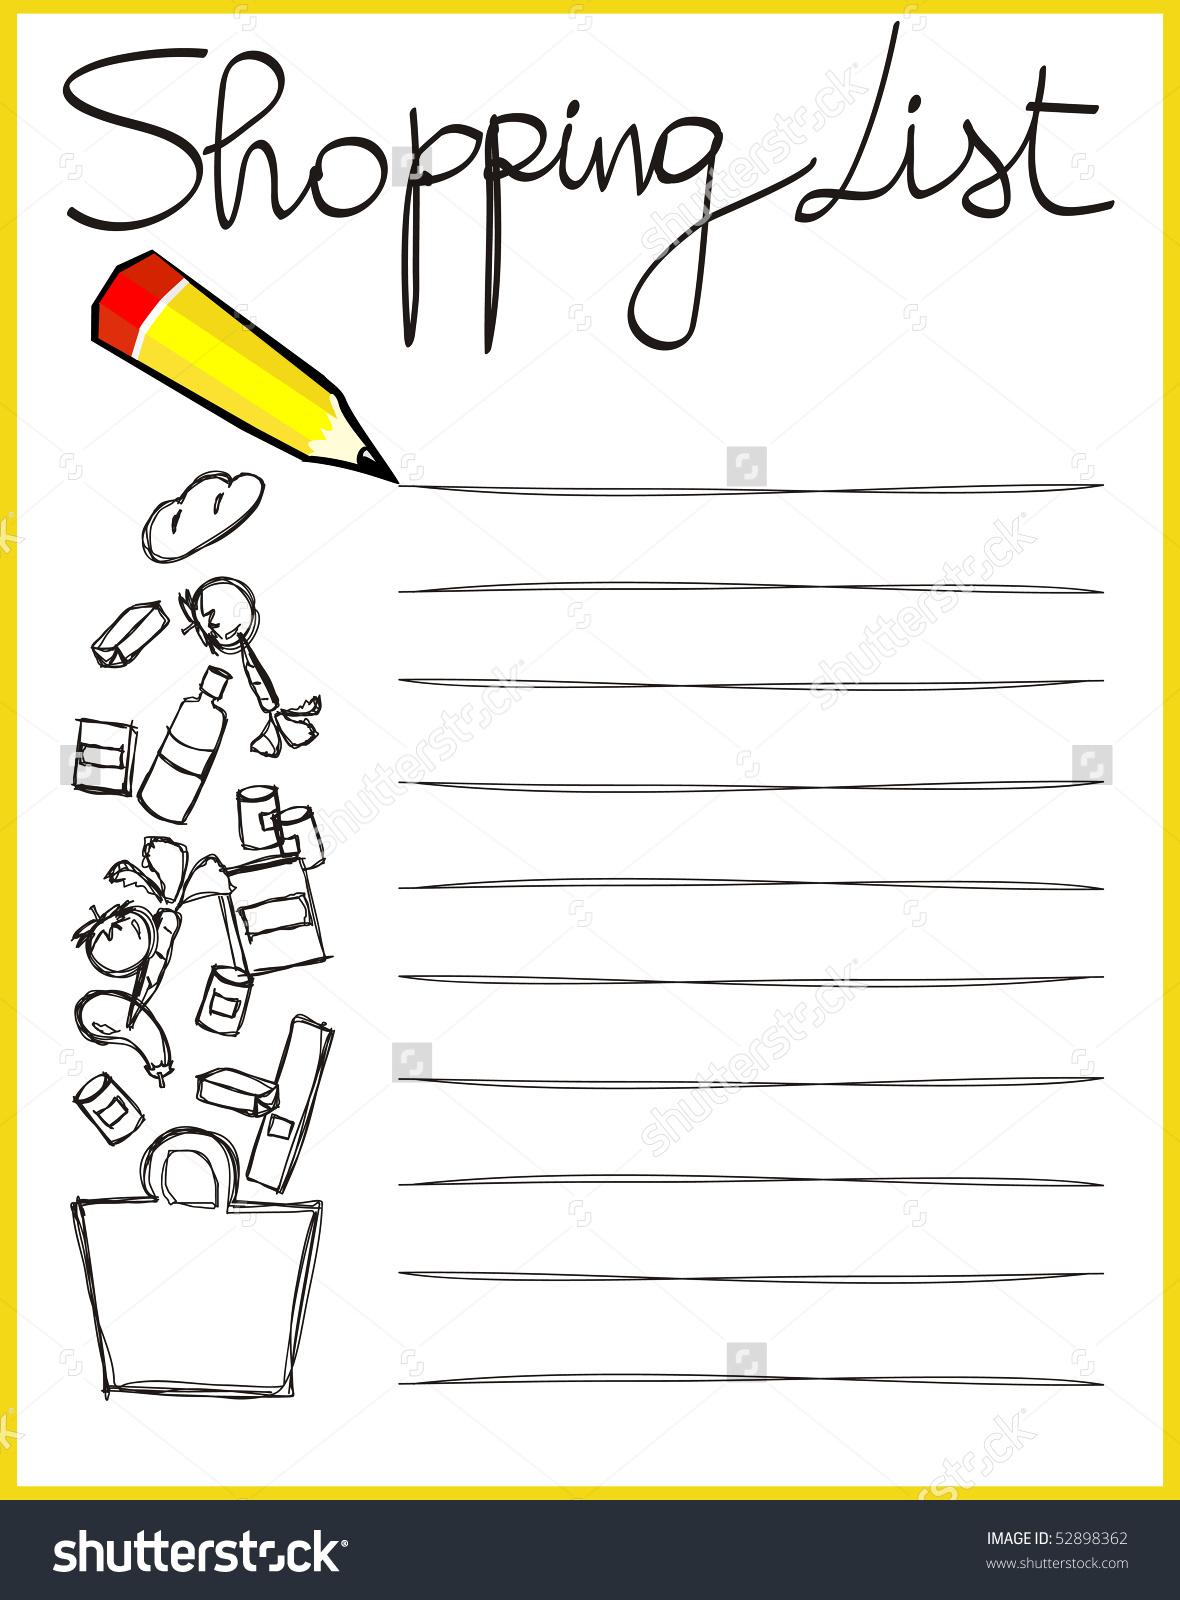 shopping list clipart